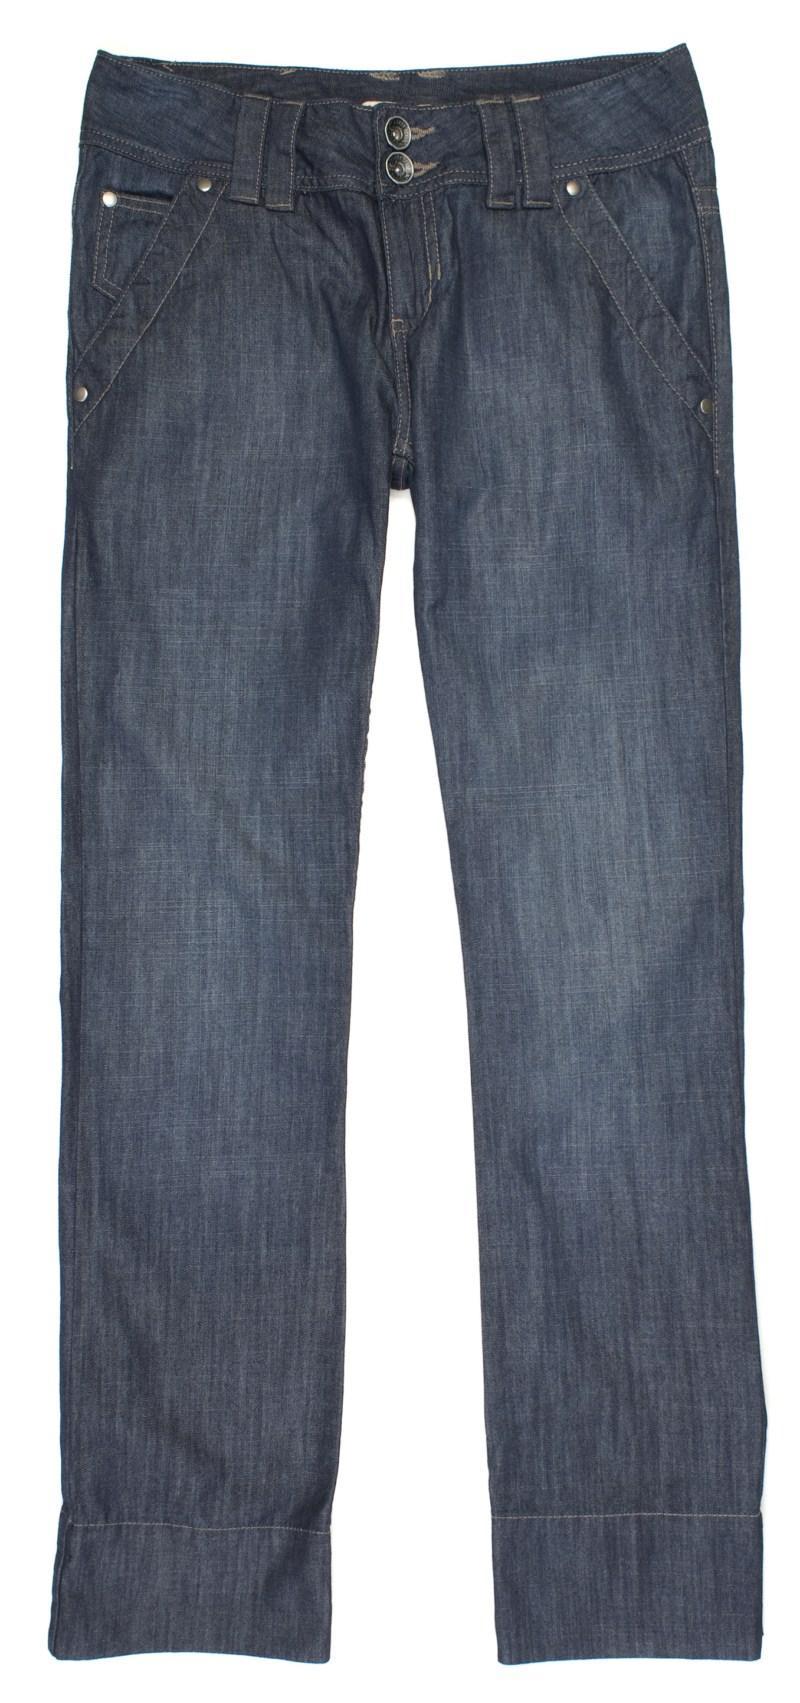 spodnie Carry - wiosenna kolekcja